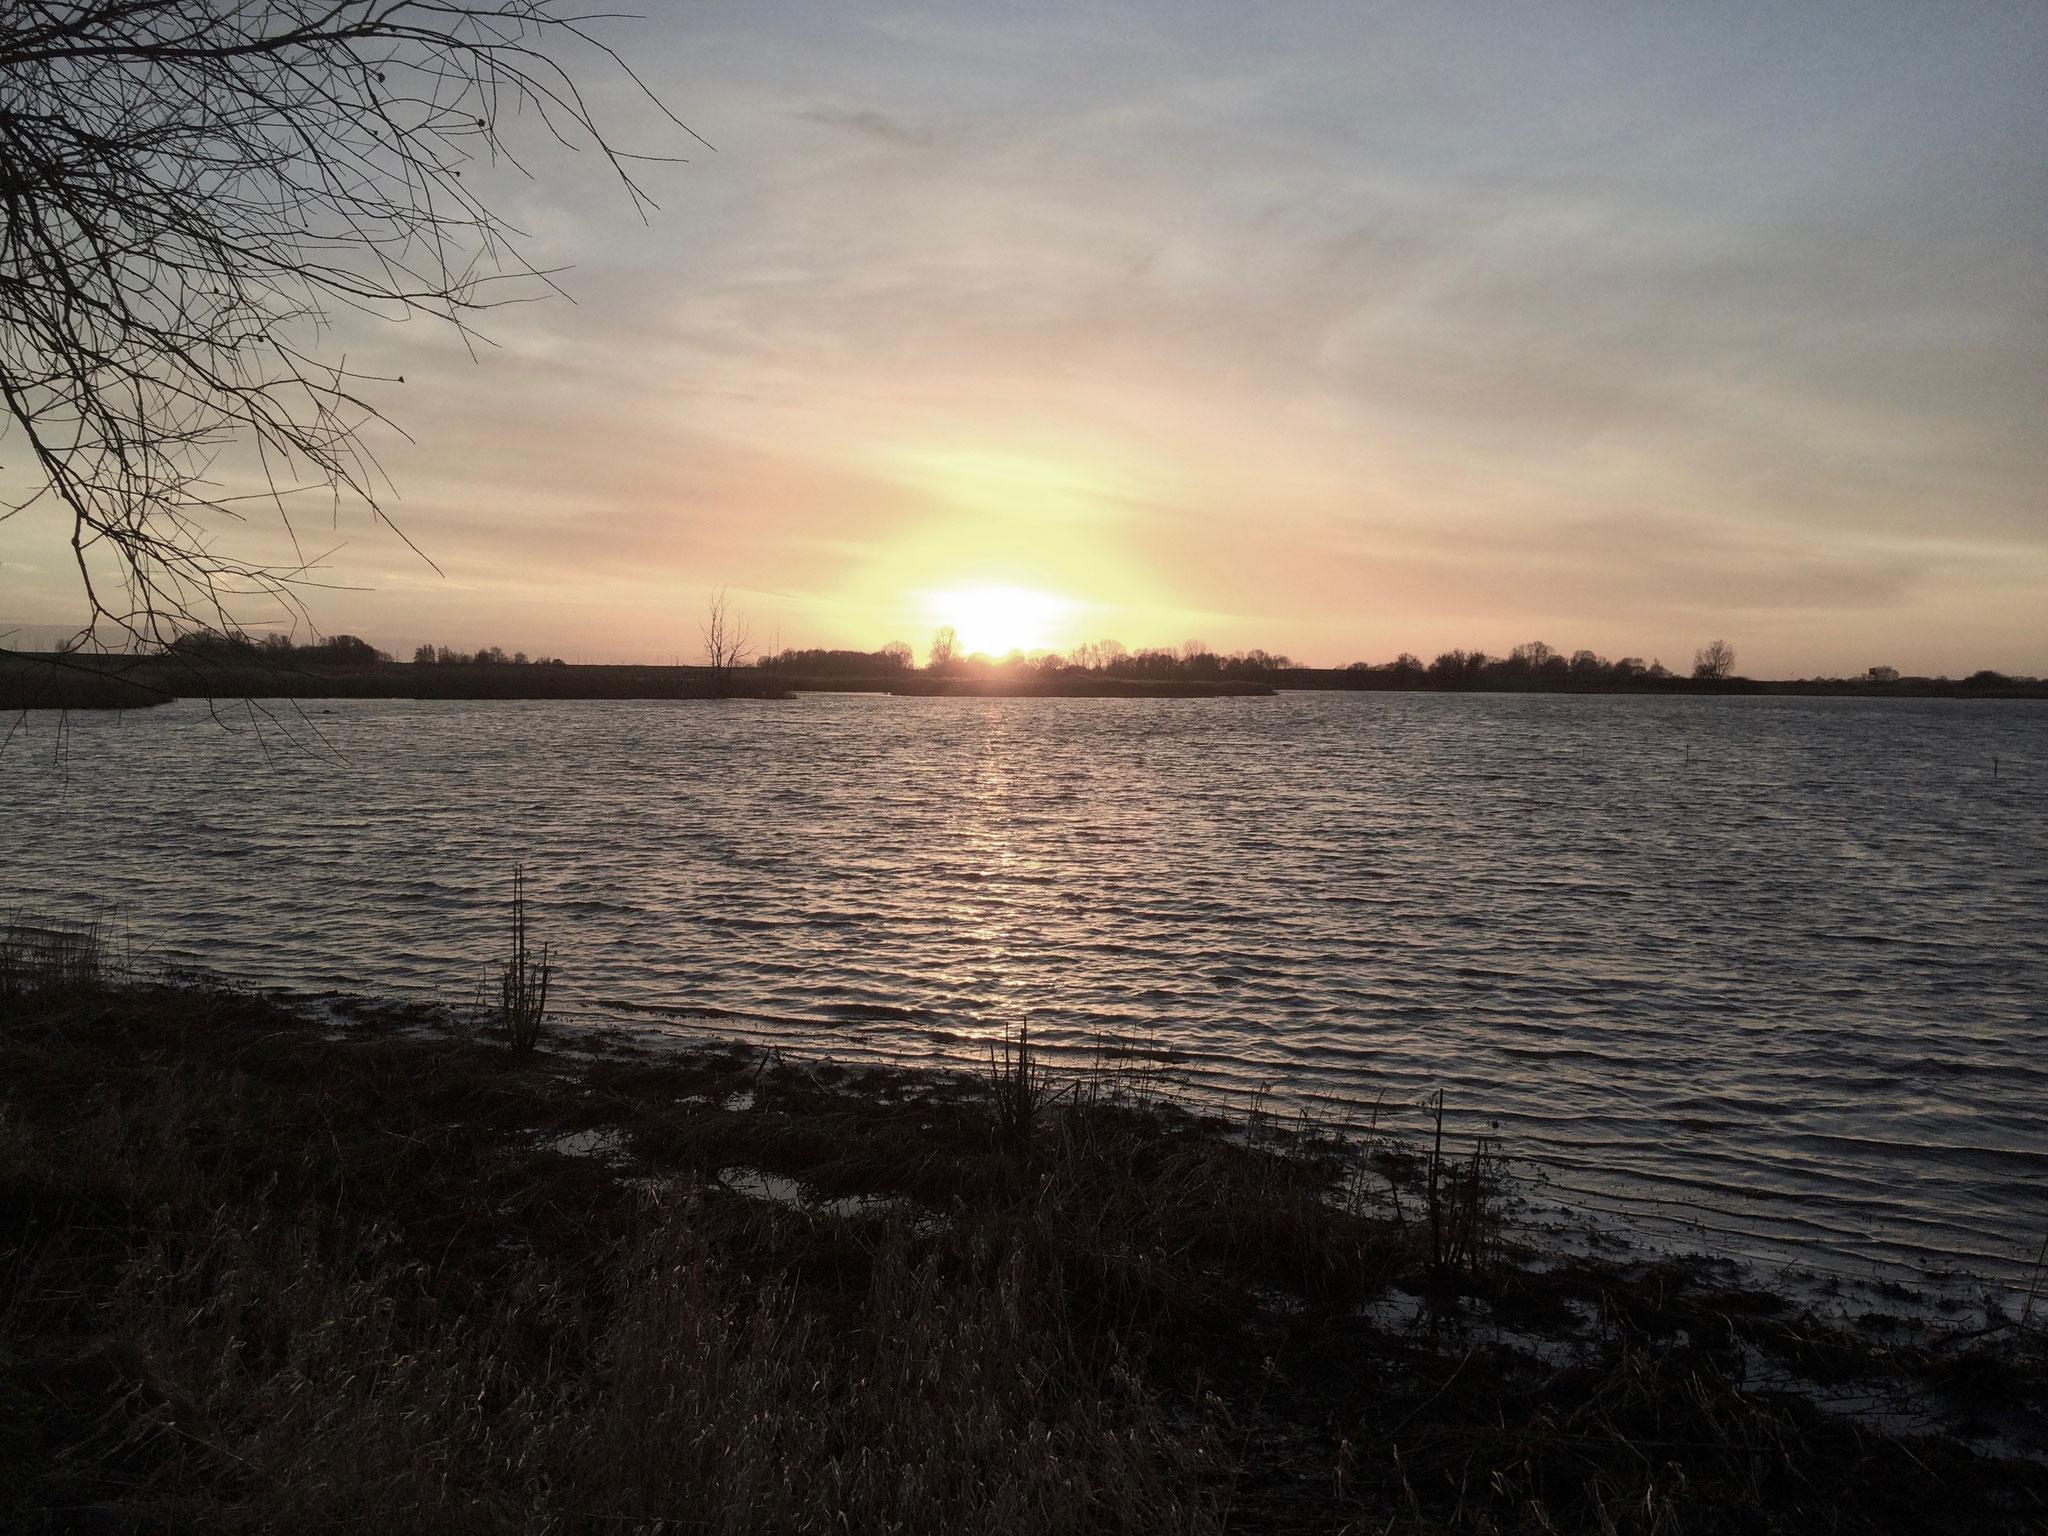 Sonnenuntergang über der Üselitzer Wiek